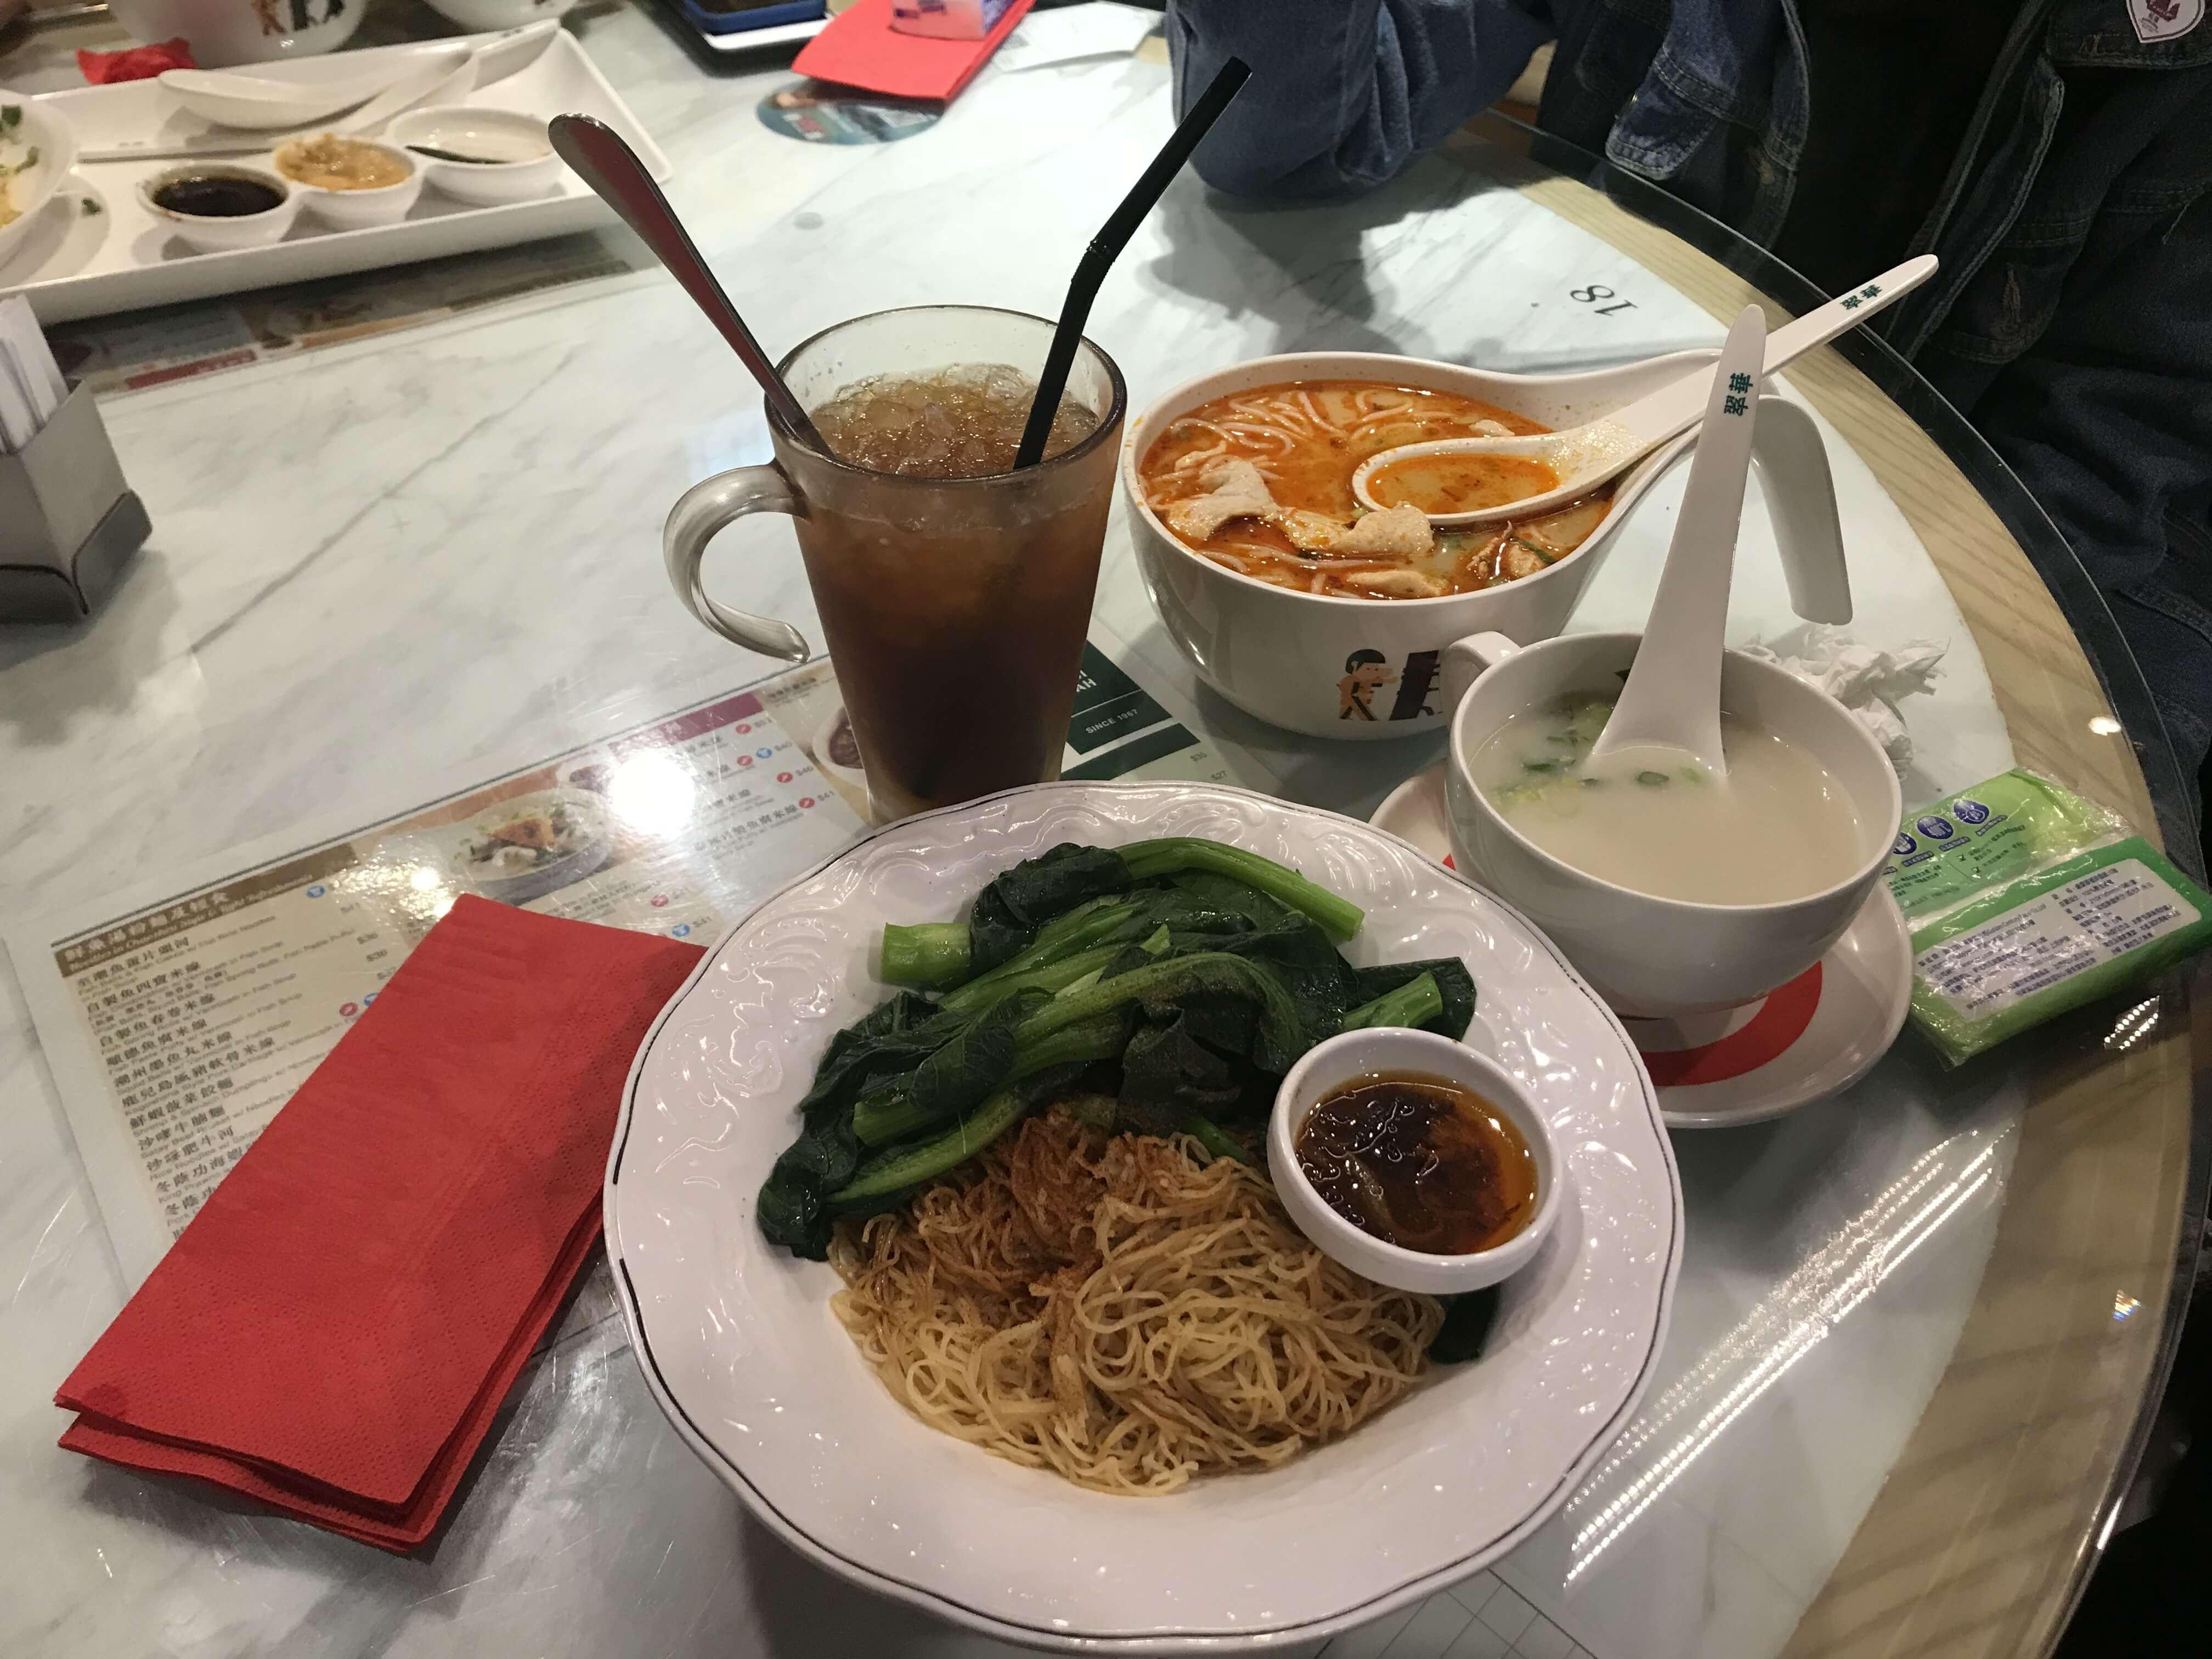 翠華餐廳菜色非常多樣化!Photographer / Penny